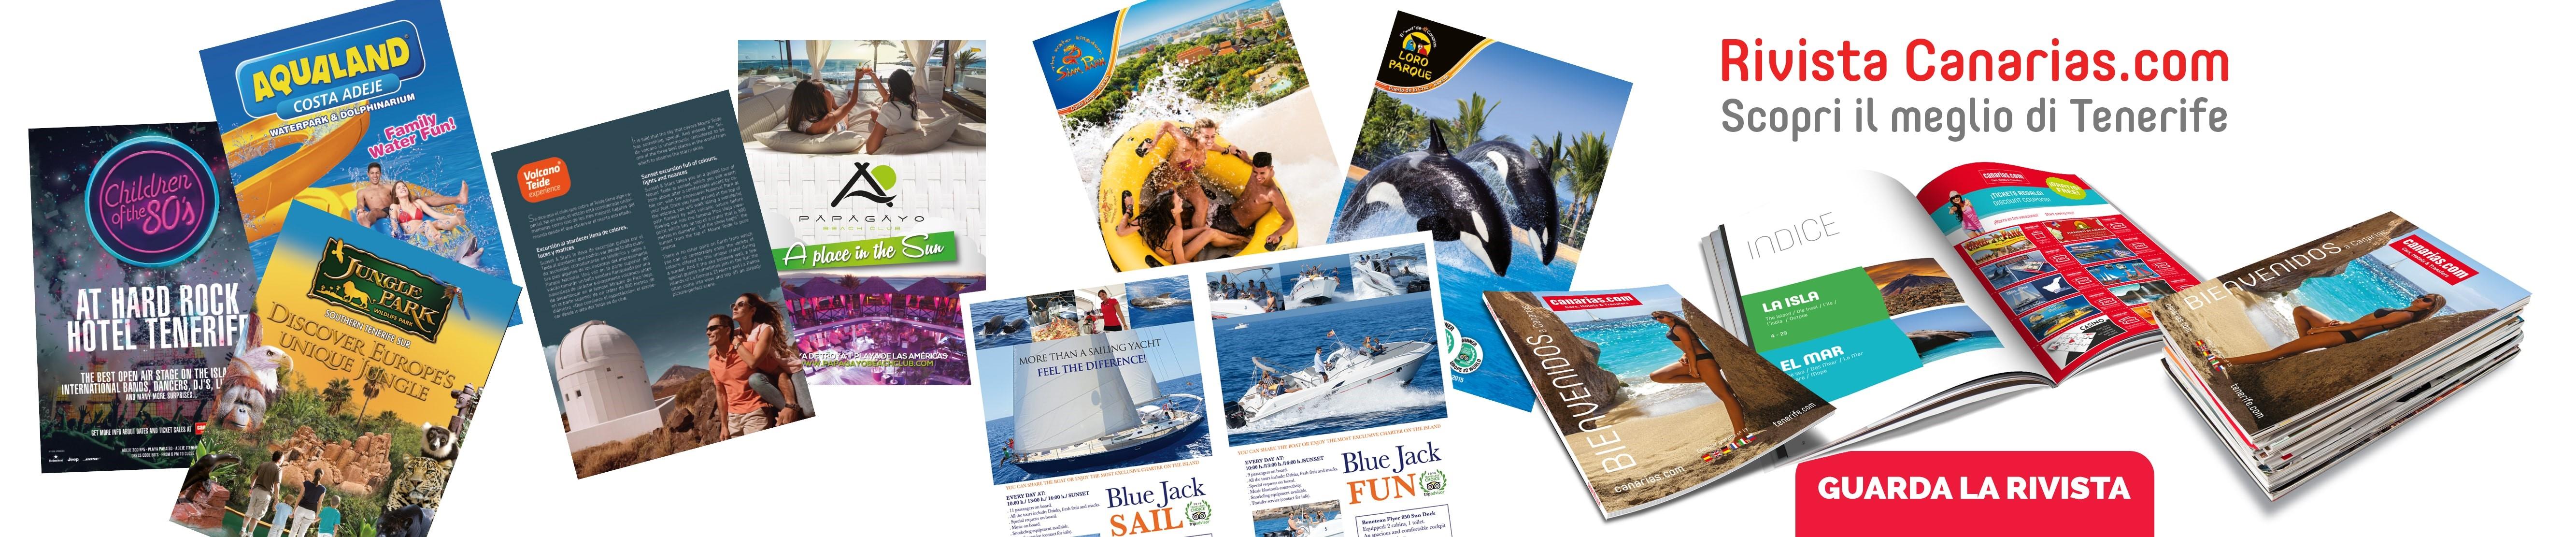 Rivista Canarias.com